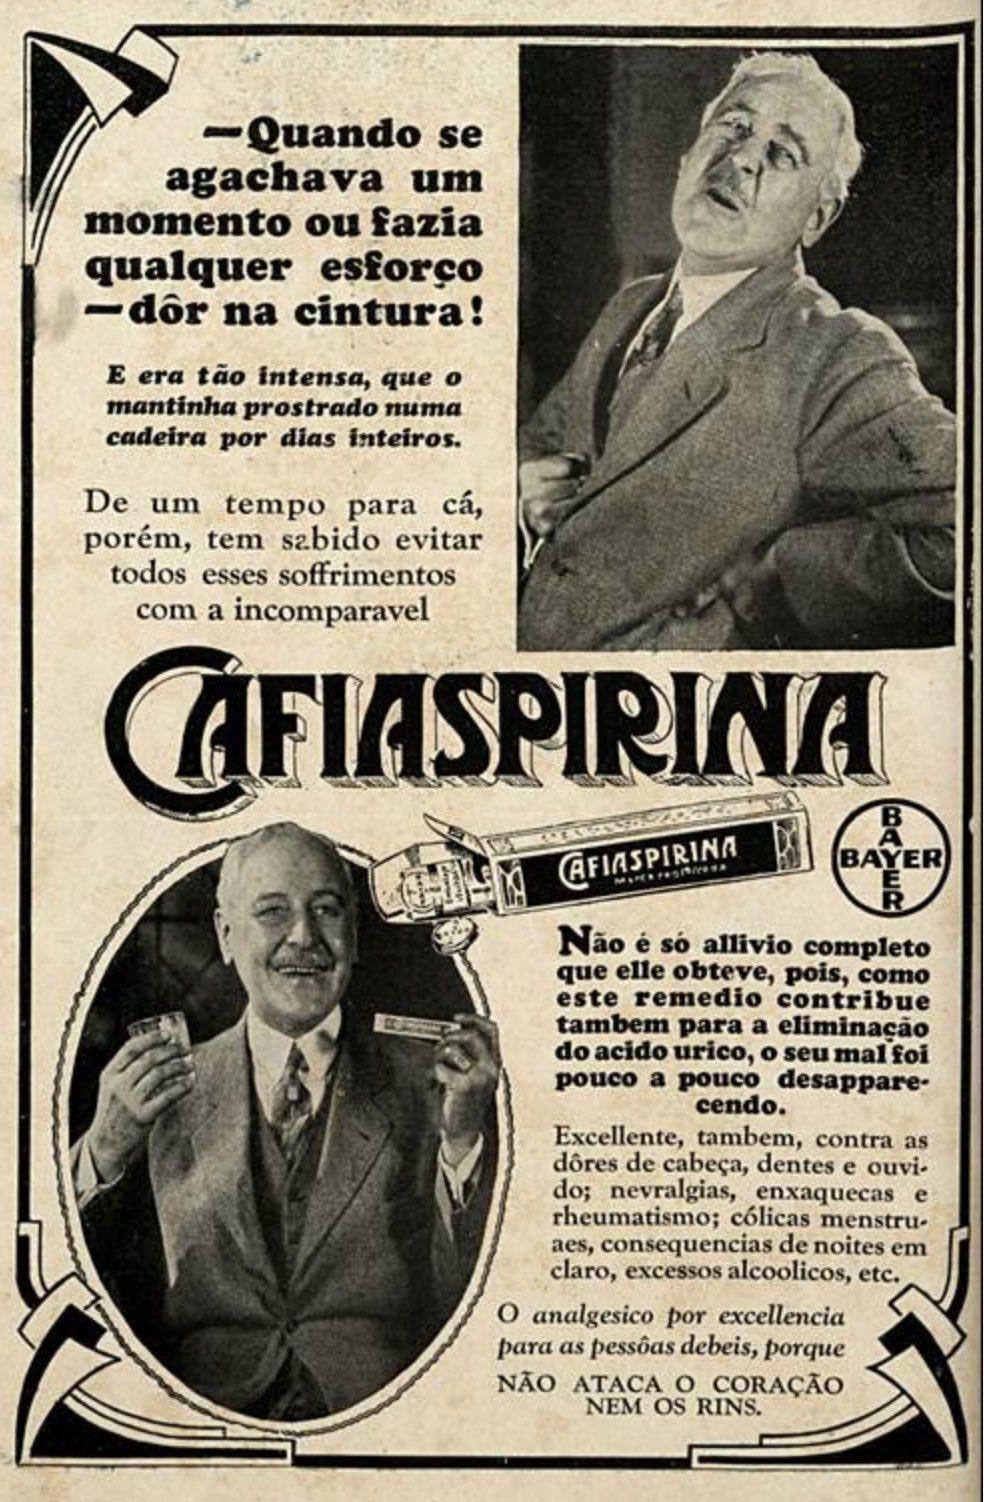 Propaganda antiga da Cafiaspirina da Bayer em 1929